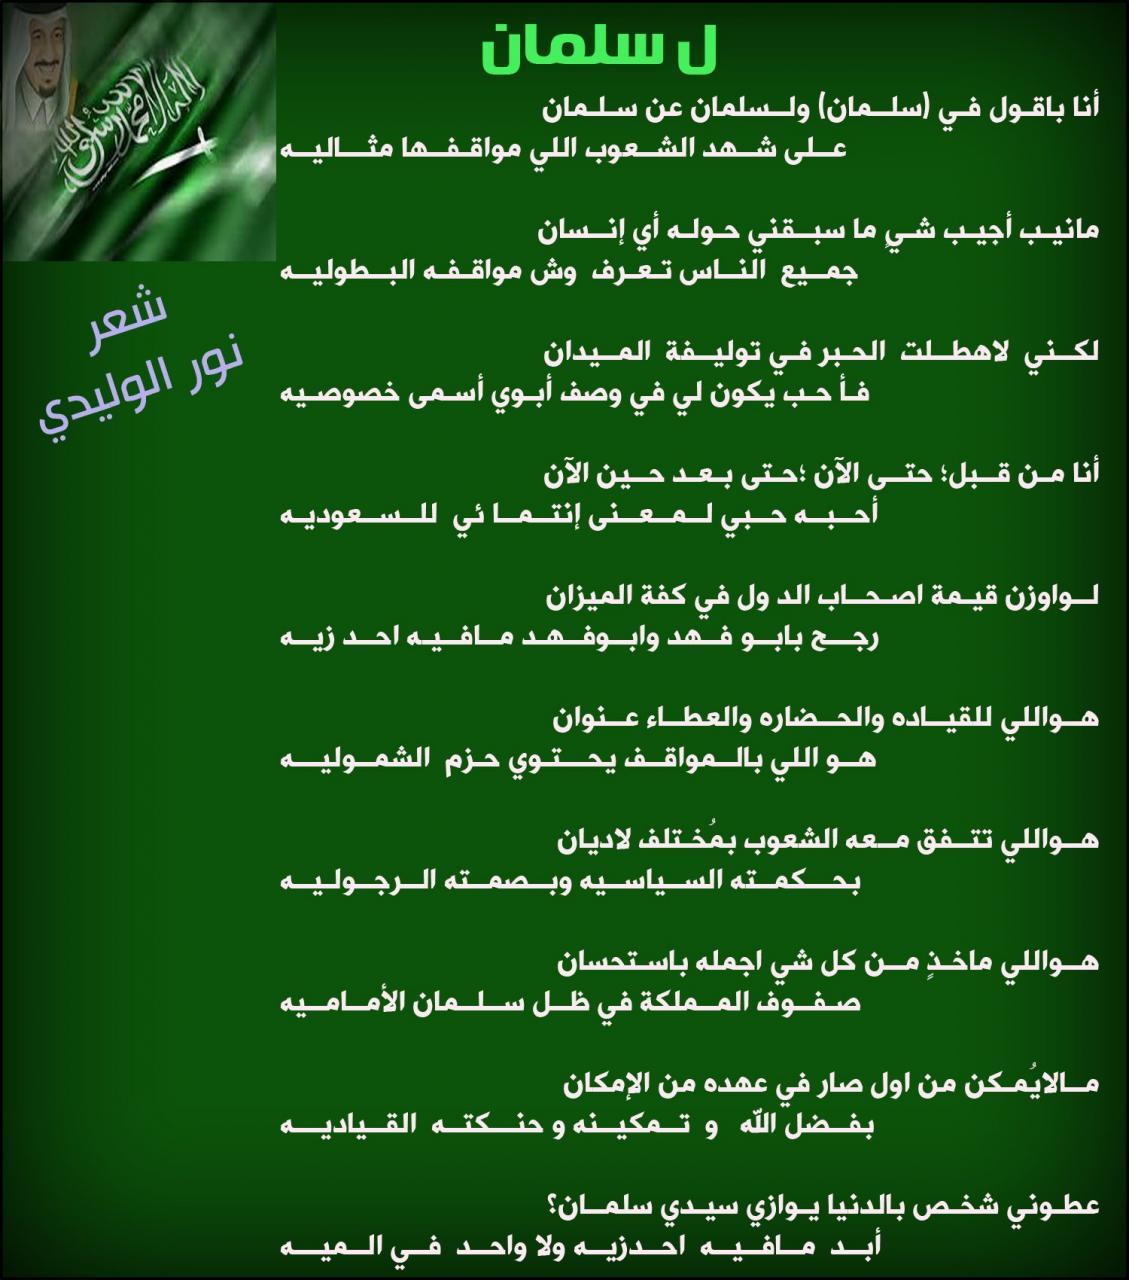 شعر عن الوطن العراقي قصير Shaer Blog